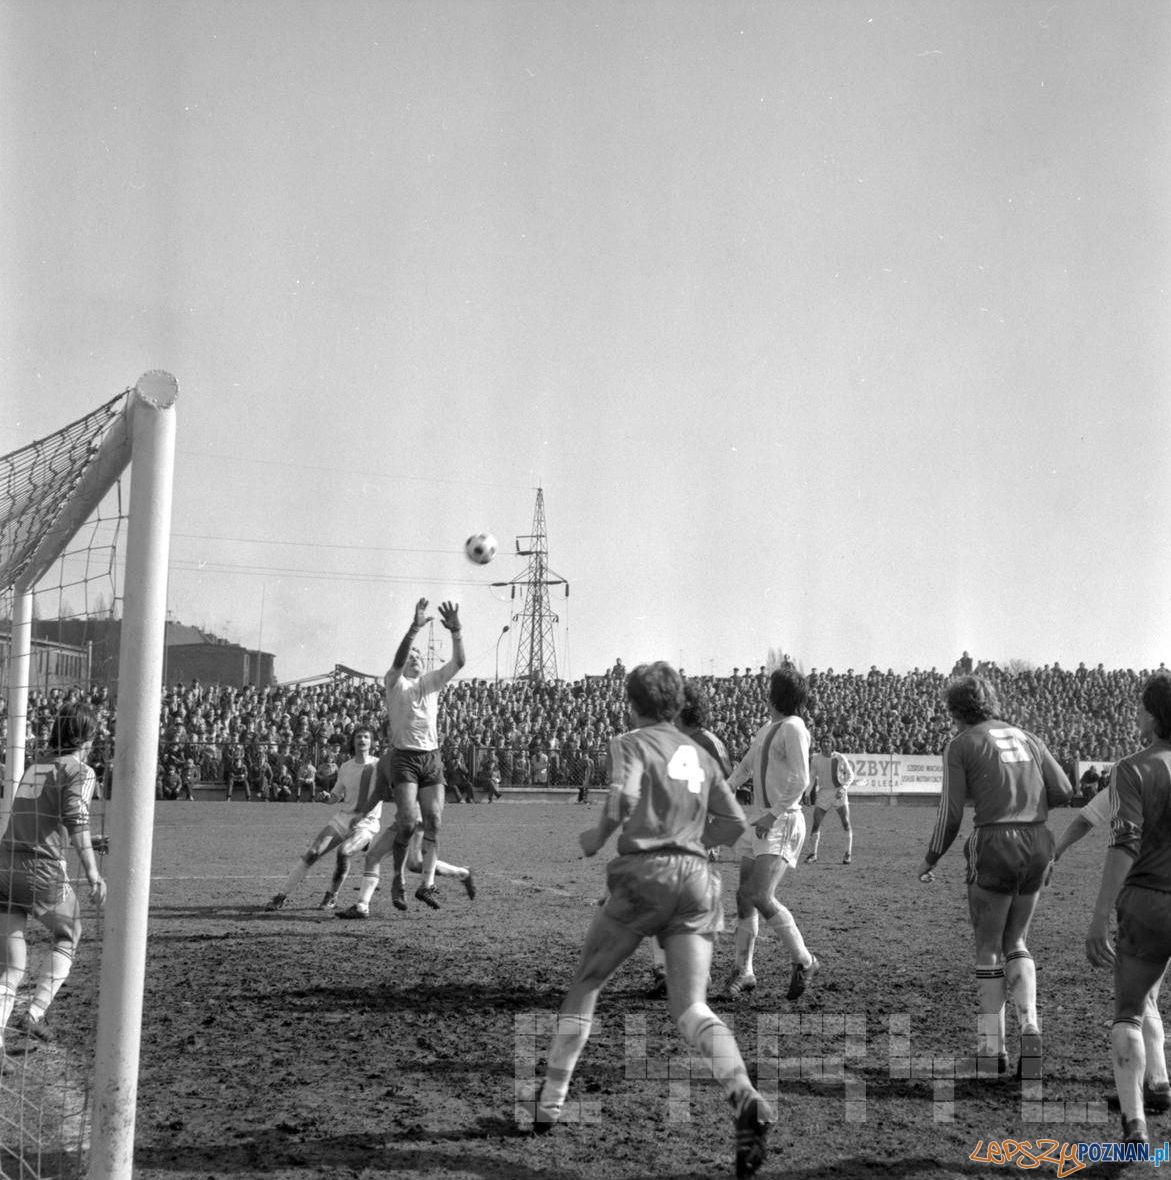 Debiec stadion Lech Poznan Stal Mielec 12.03.1978 S.Wiktor Cyryl (4)  Foto: Stanisław Wiktor / Cyryl